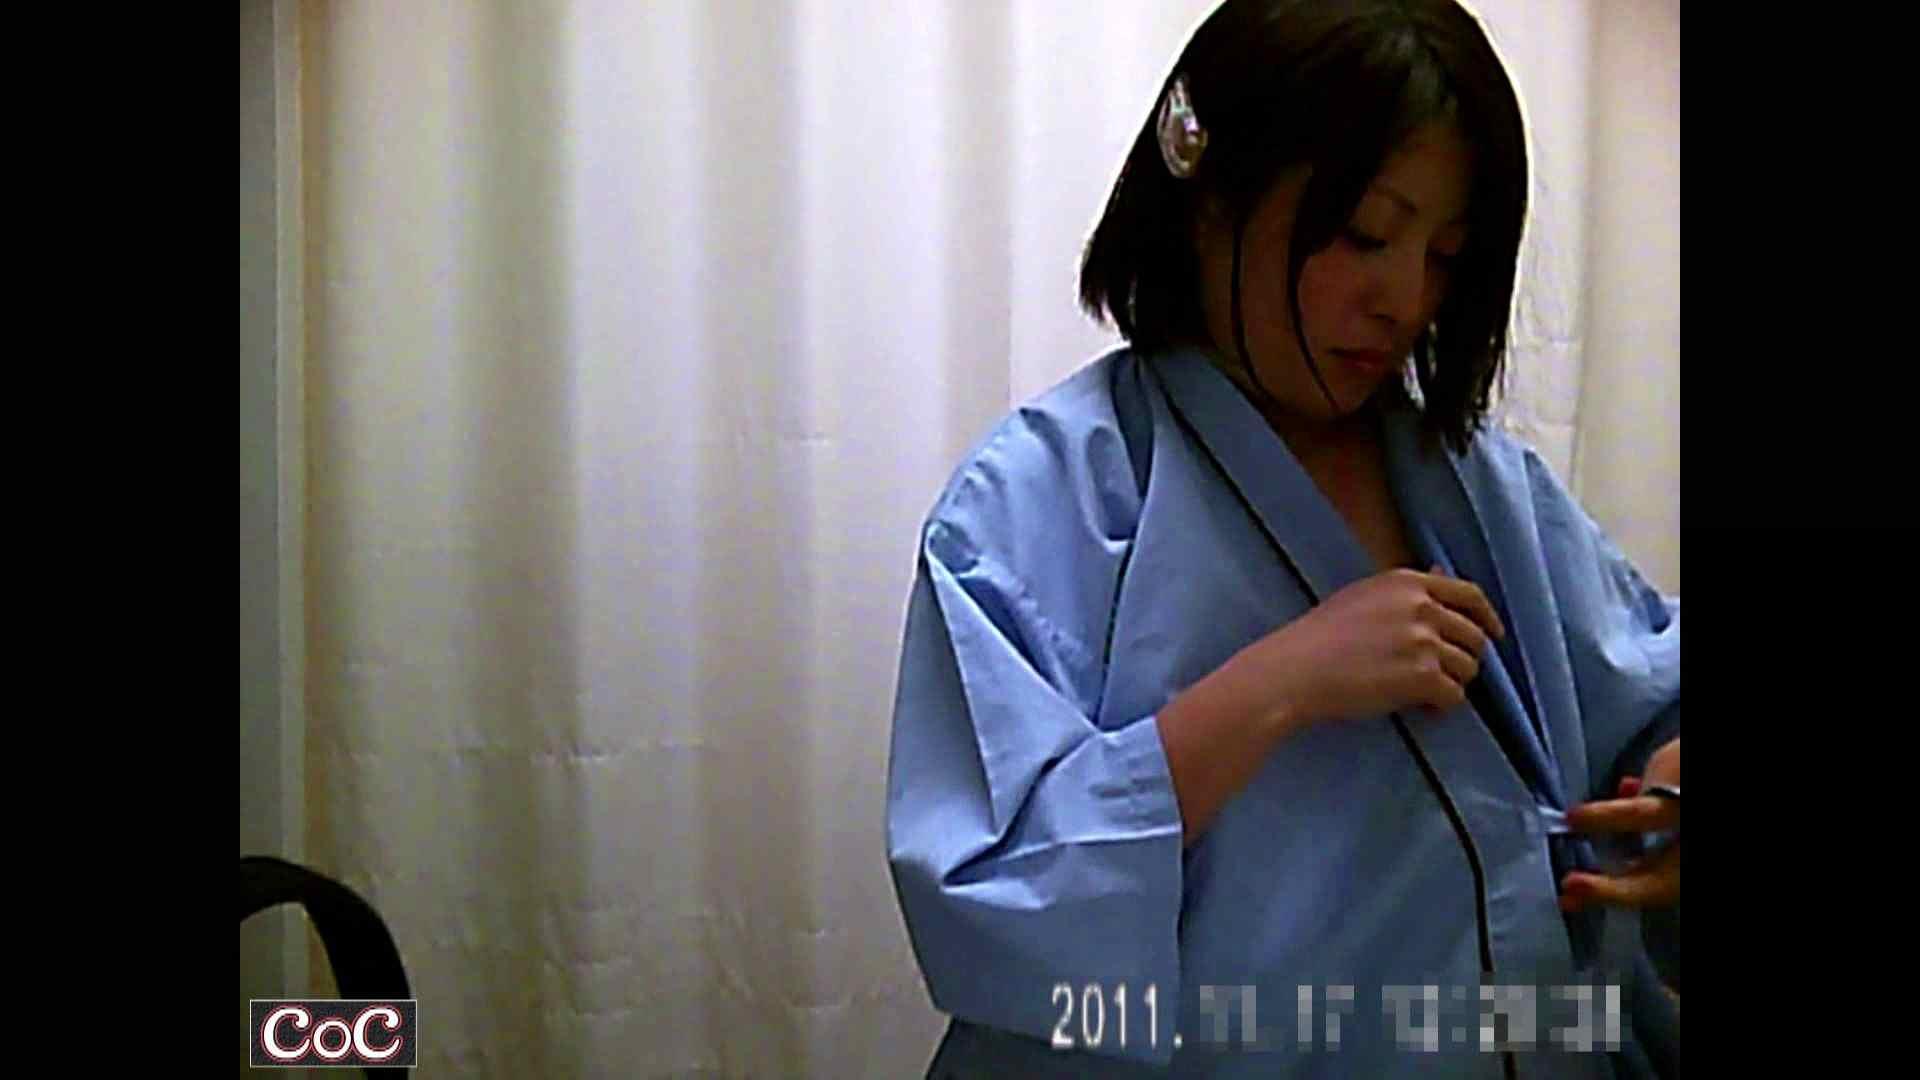 病院おもいっきり着替え! vol.96 乳首 オマンコ無修正動画無料 65PIX 11